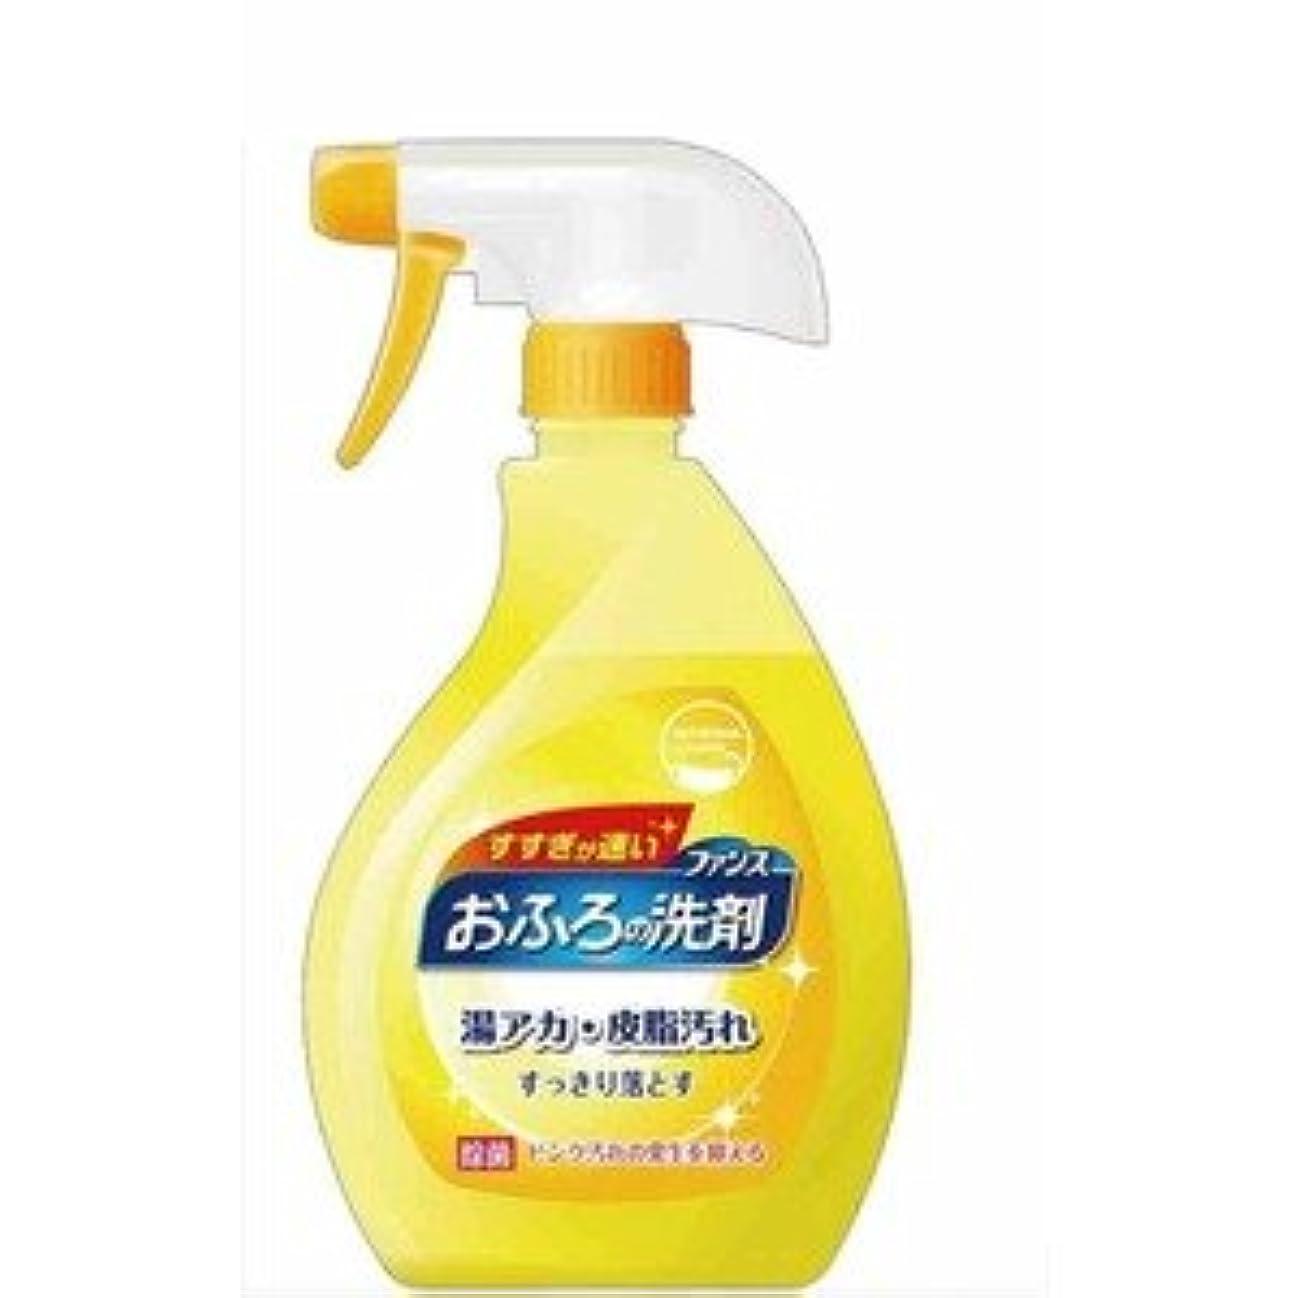 扱いやすい効率予約ルファンスおふろの洗剤オレンジミント本体380ml 46-238 【120個セット】